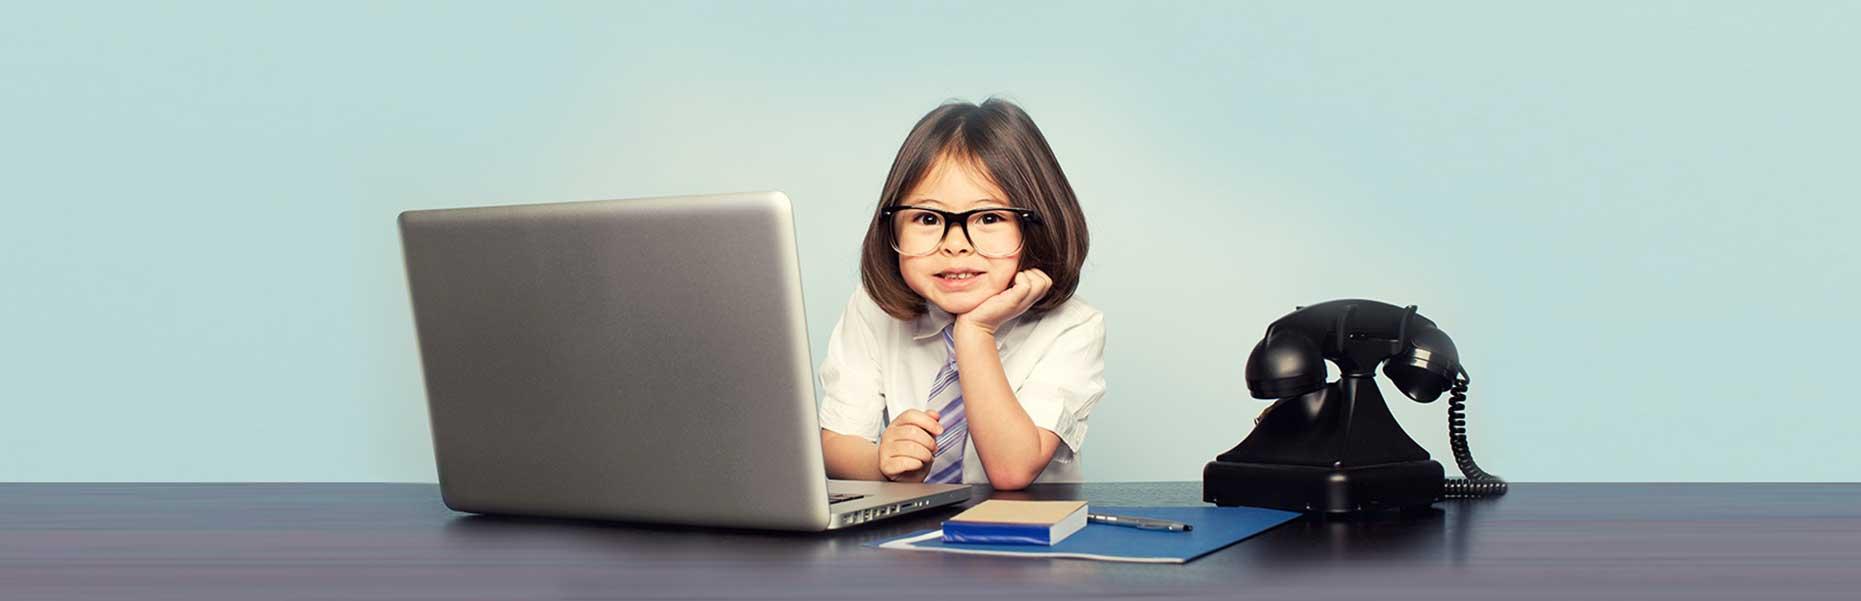 Nieuwe computer nodig? wanneer-is-het-tijd-om-een-nieuwe-laptop-aan-te-schaffen